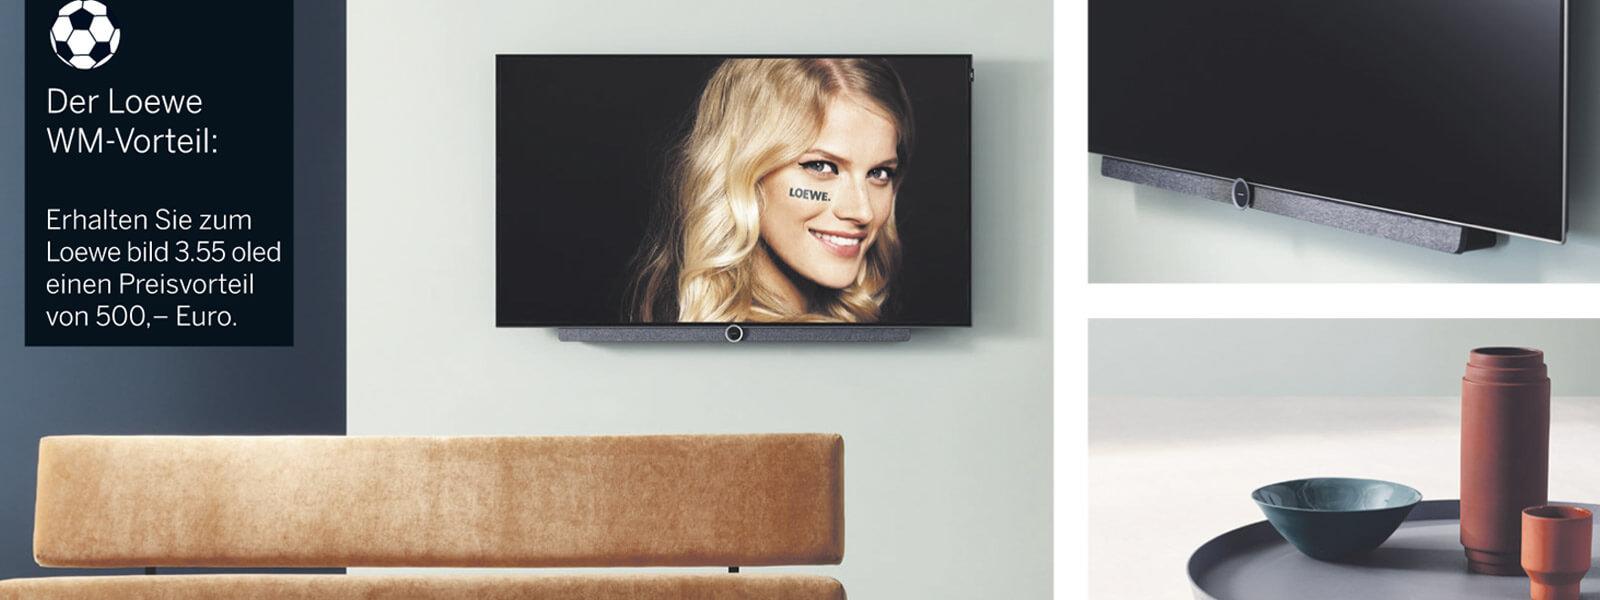 Loewe Fernseher in Plauen - WM Aktion OLED